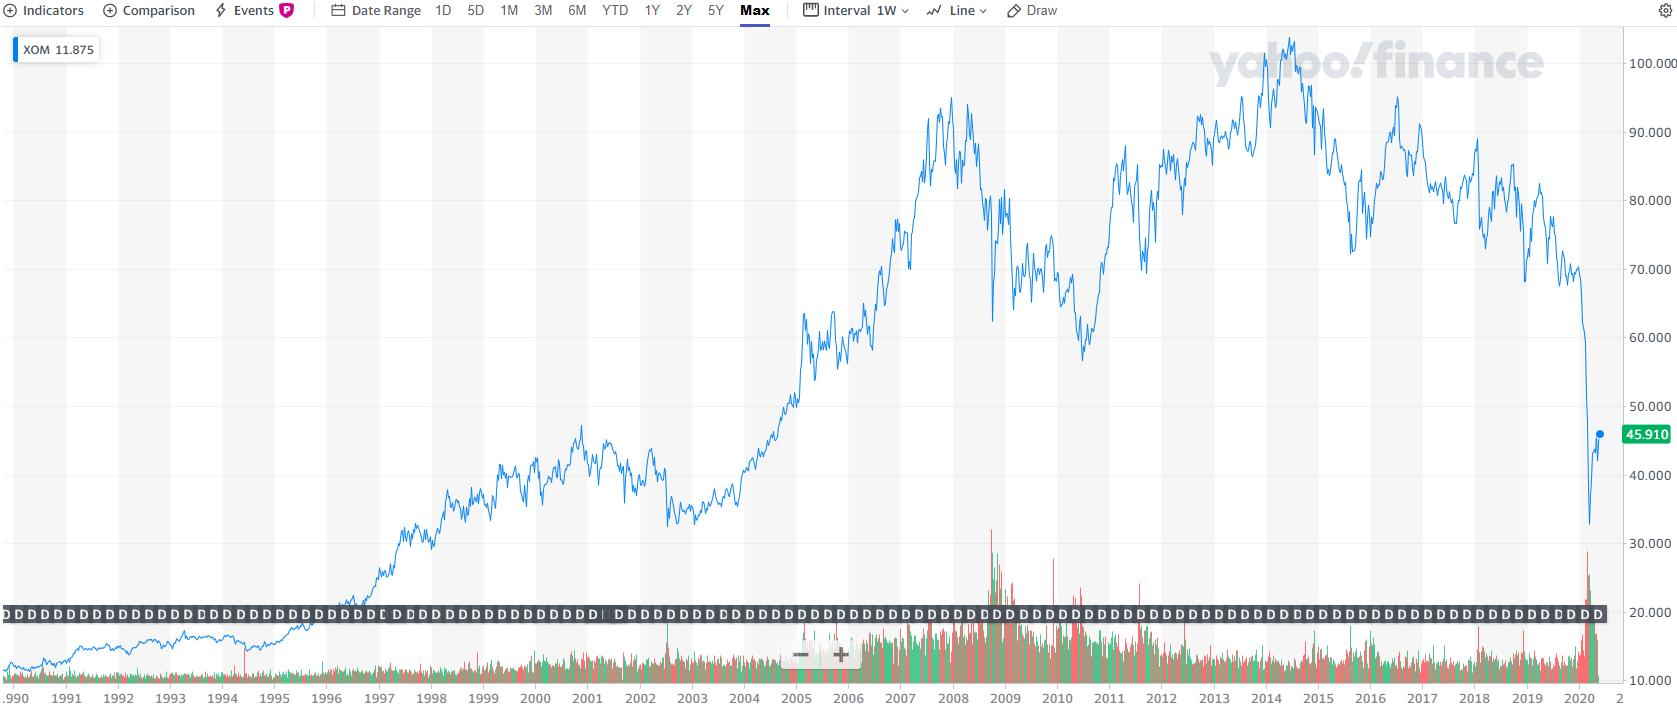 株価 の エクソン モービル 減配間近のエクソンモービルが株価高騰!気をつけるべきポイントは?